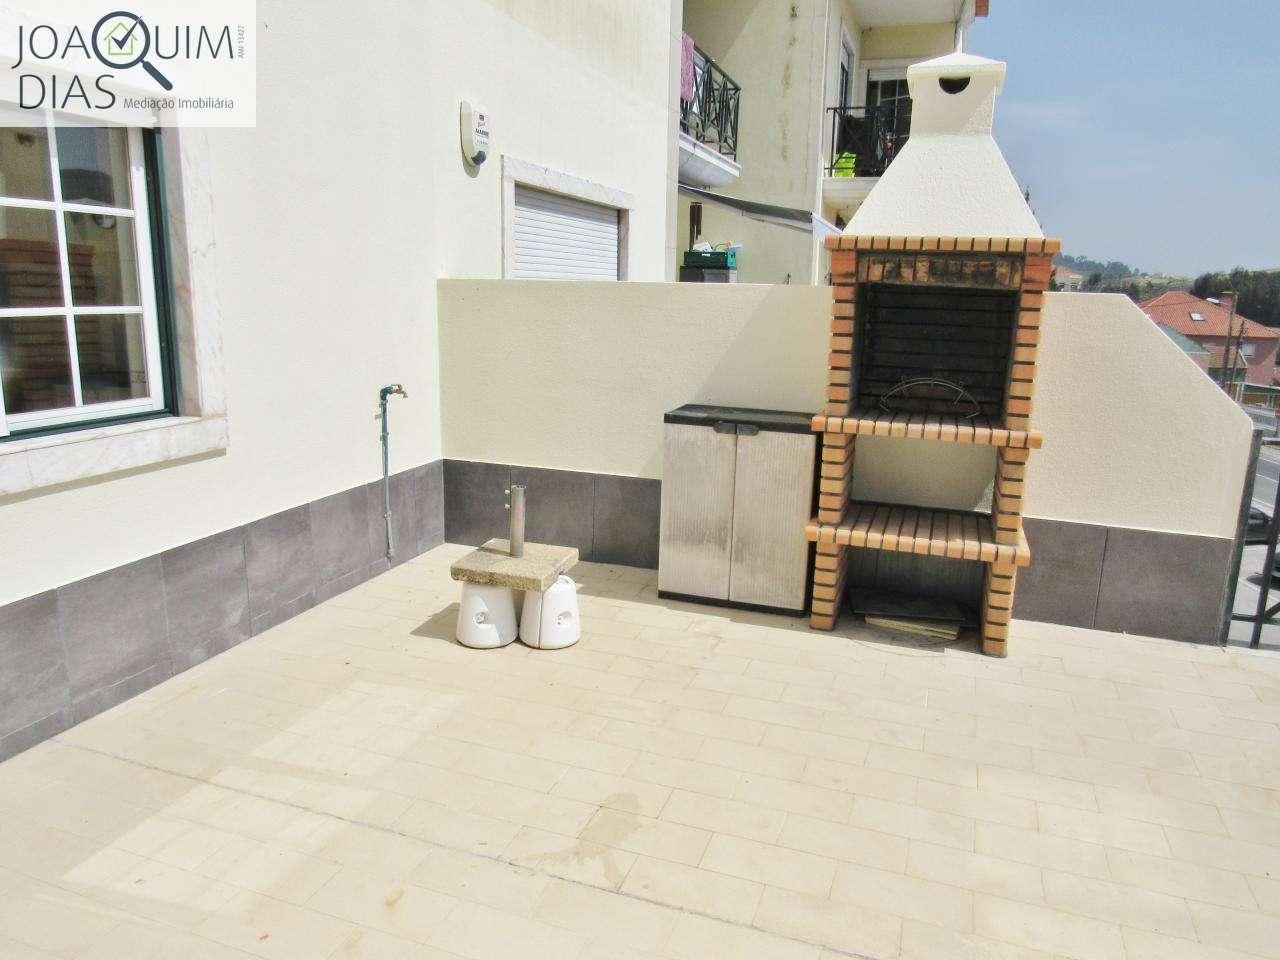 Apartamento para comprar, Malveira e São Miguel de Alcainça, Lisboa - Foto 5